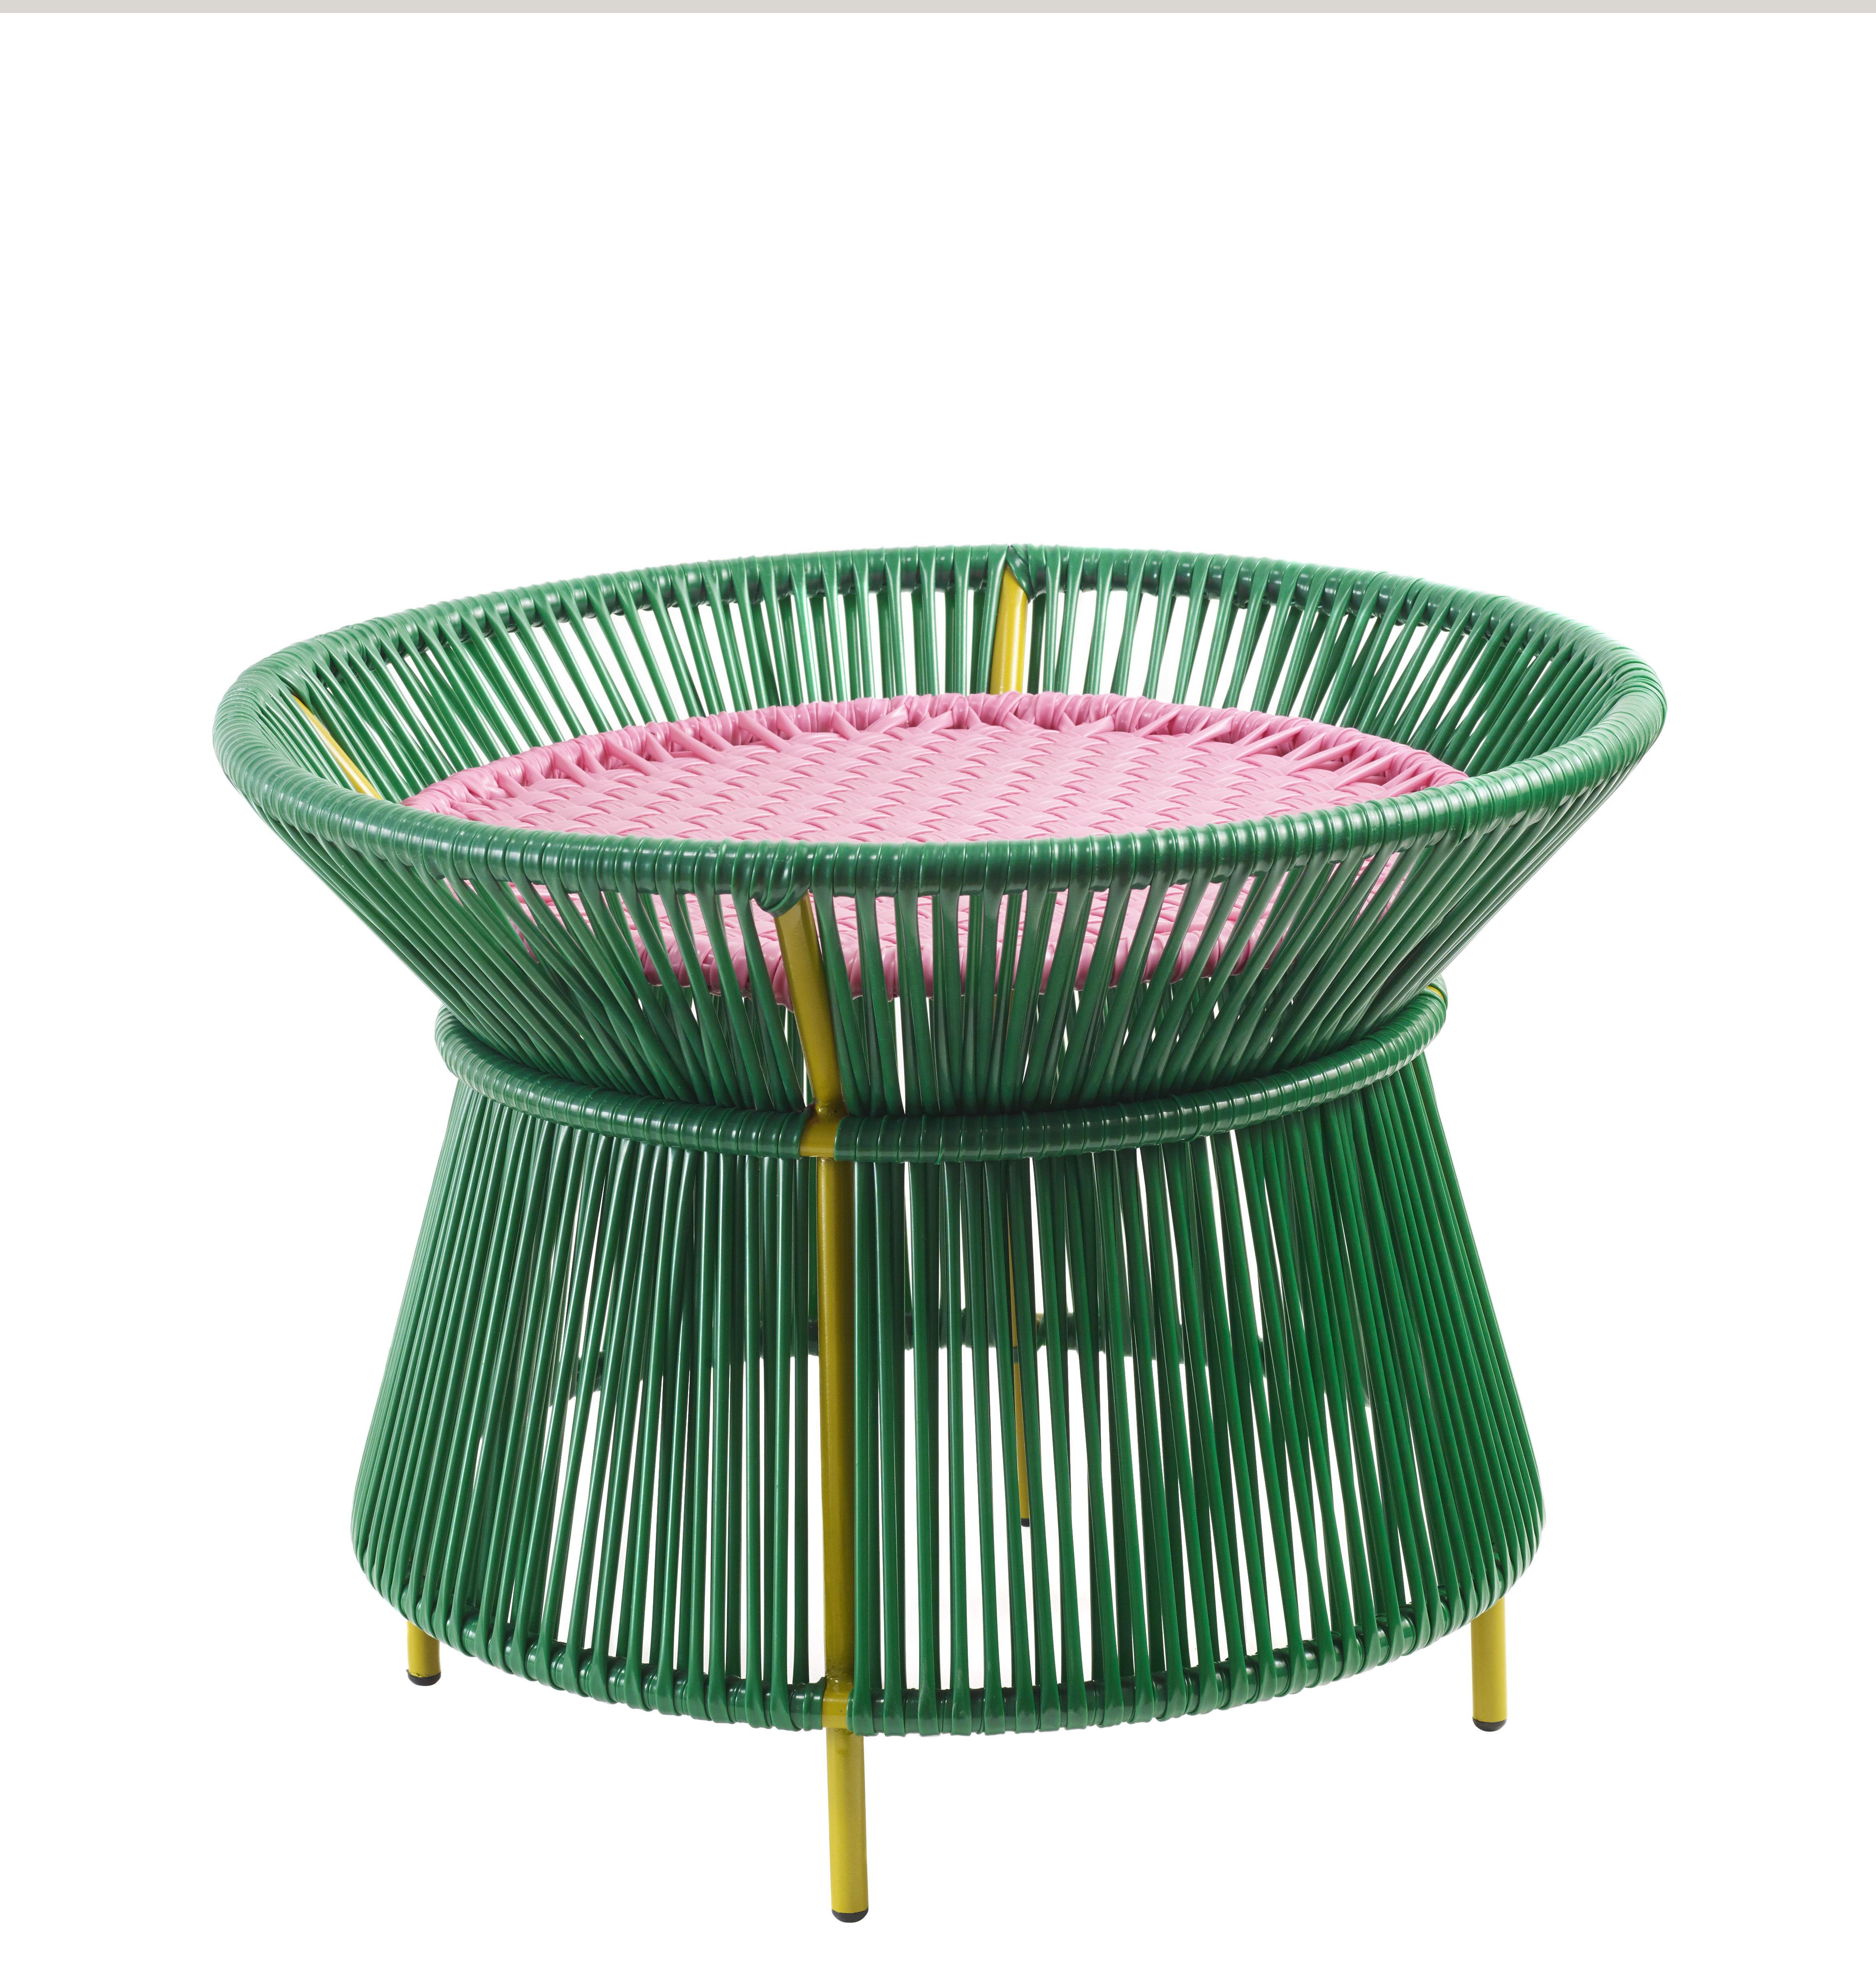 Mobilier - Tables basses - Table basse Caribe Basket / Ø 54 x H 41 cm - ames - Vert & rose / Pieds curry - Acier galvanisé thermo-laqué, Fils de plastique recyclé